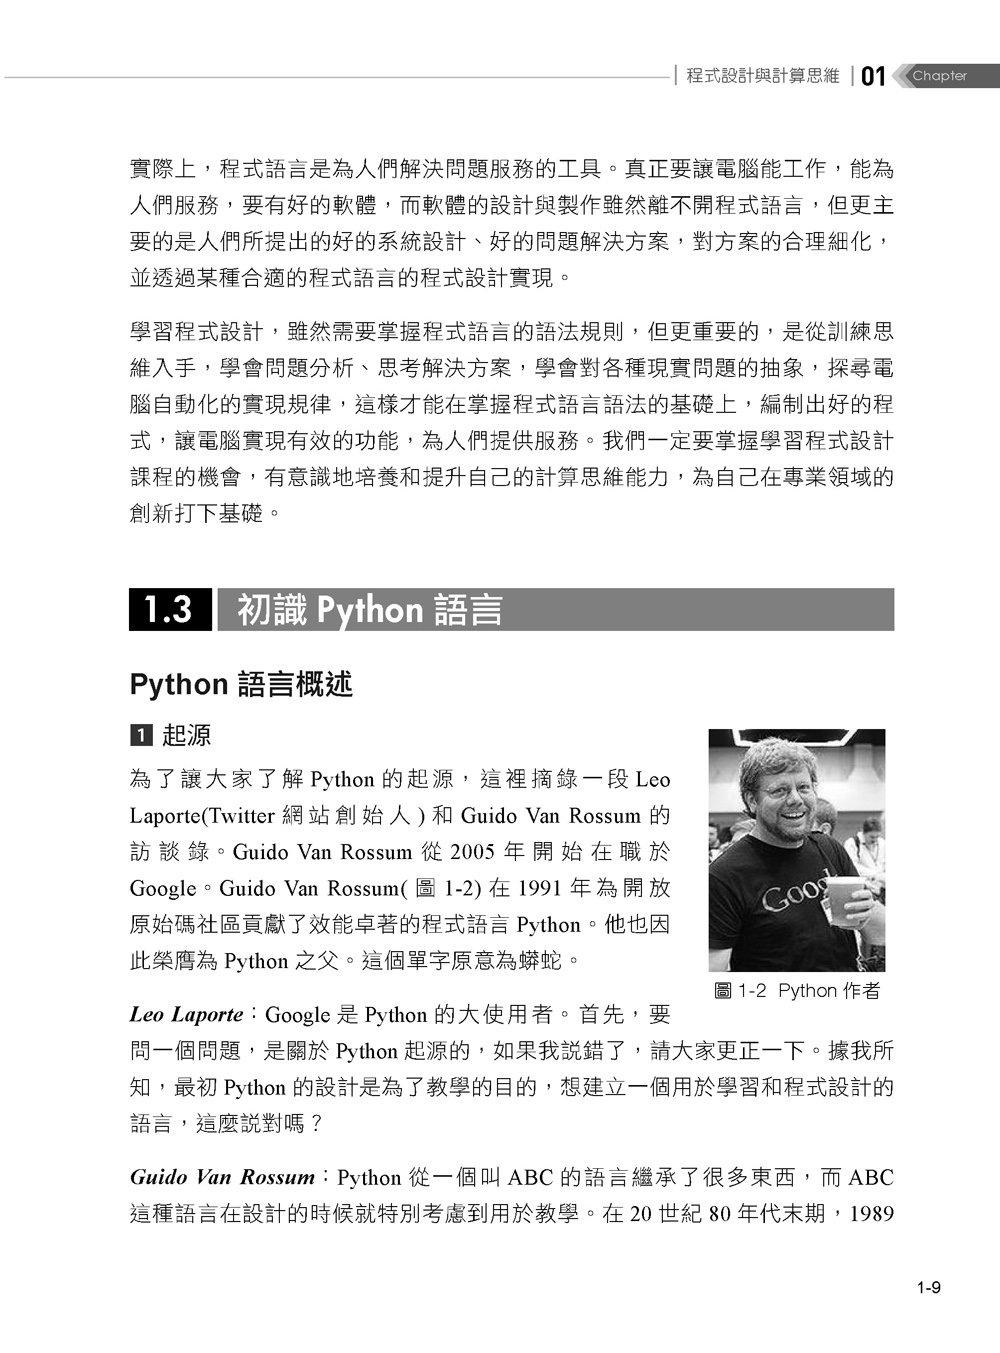 大數據 Python 起手式 : 算法及設計基礎 (舊名: 大數據起步從 Python 開始:算法及設計基礎)-preview-8